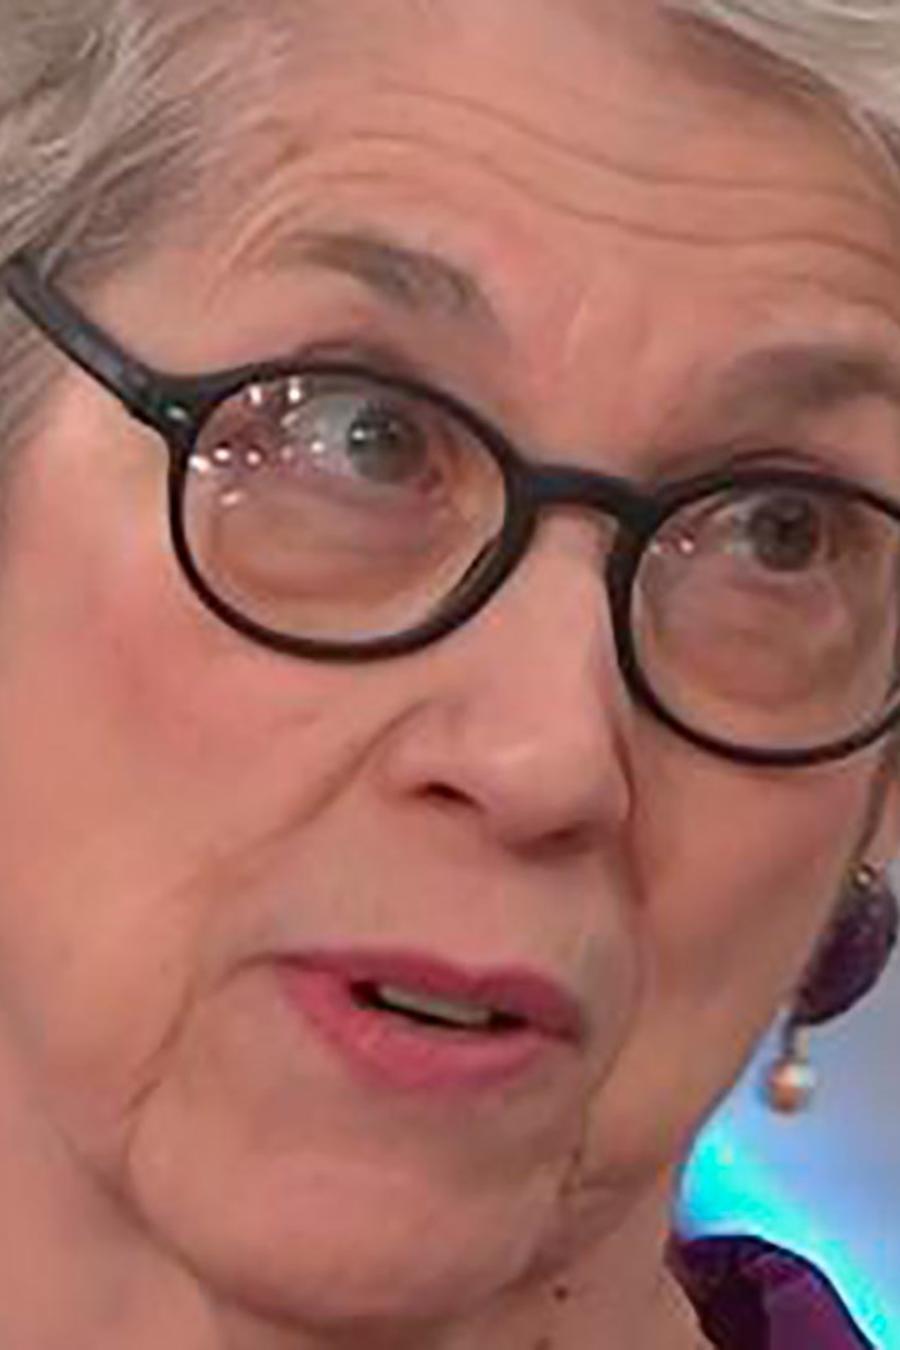 Presuntas víctimas de acoso sexual piden que el Congreso investigue a Donald Trump